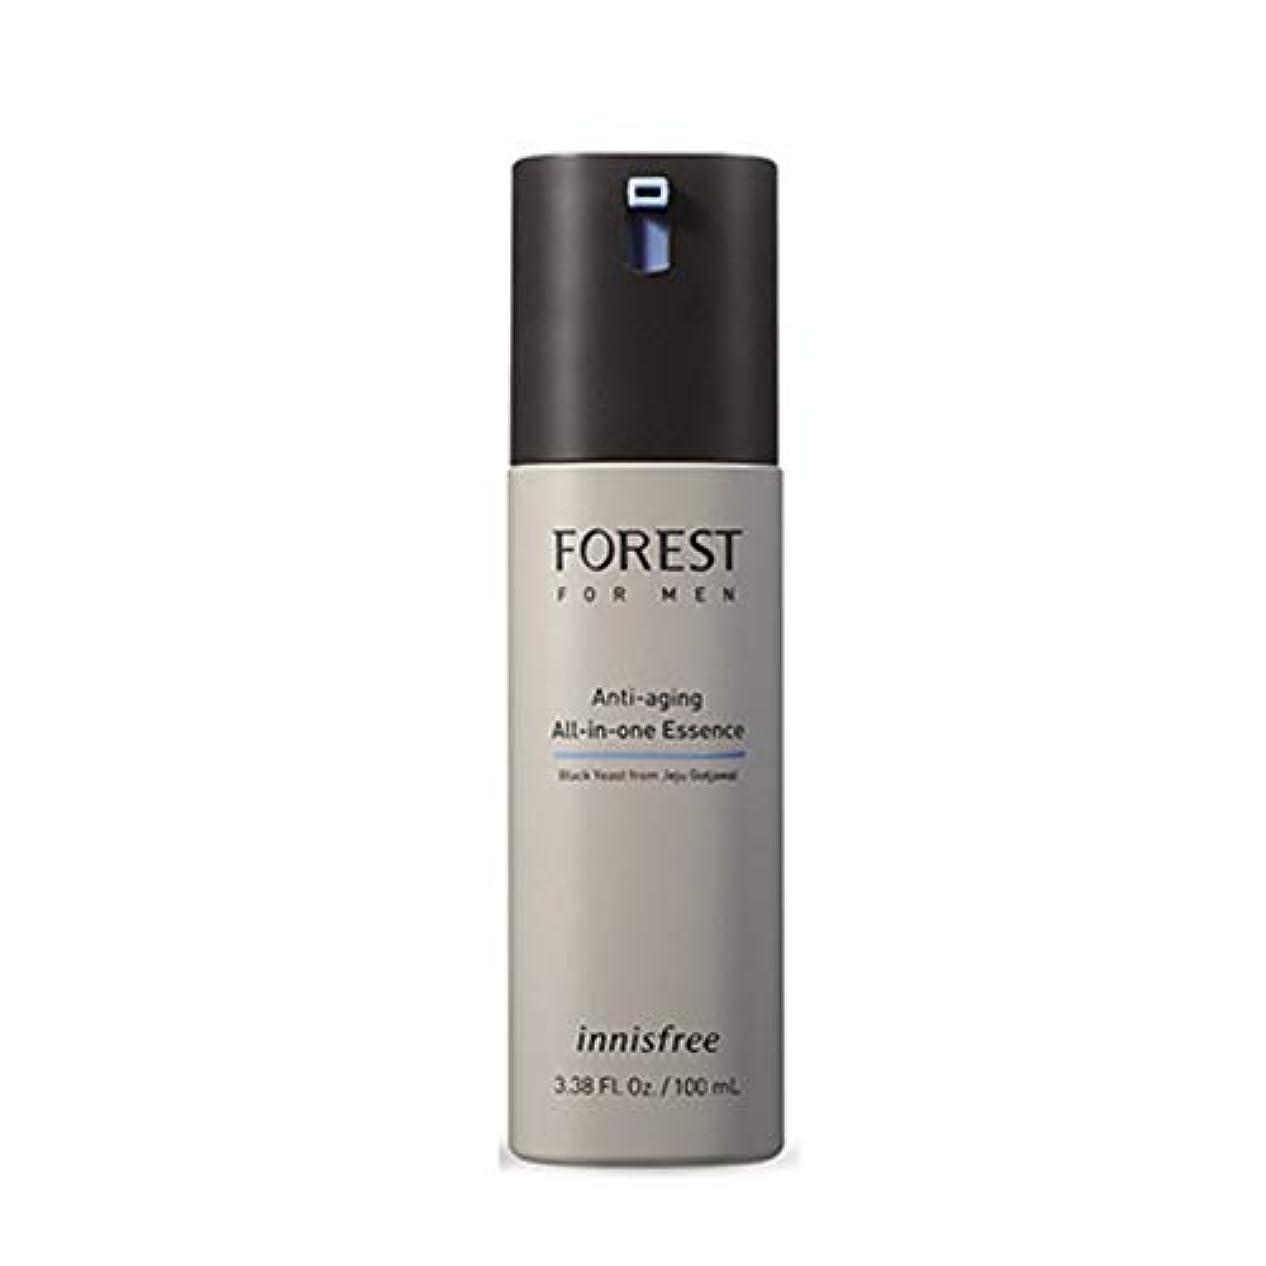 人質上級打たれたトラックイニスフリーフォレストフォーメンオールインワンエッセンス100ml 4タイプメンズコスメ韓国コスメ、innisfree Forest for Men All-in-one Essence 100ml 4 Types Korean...